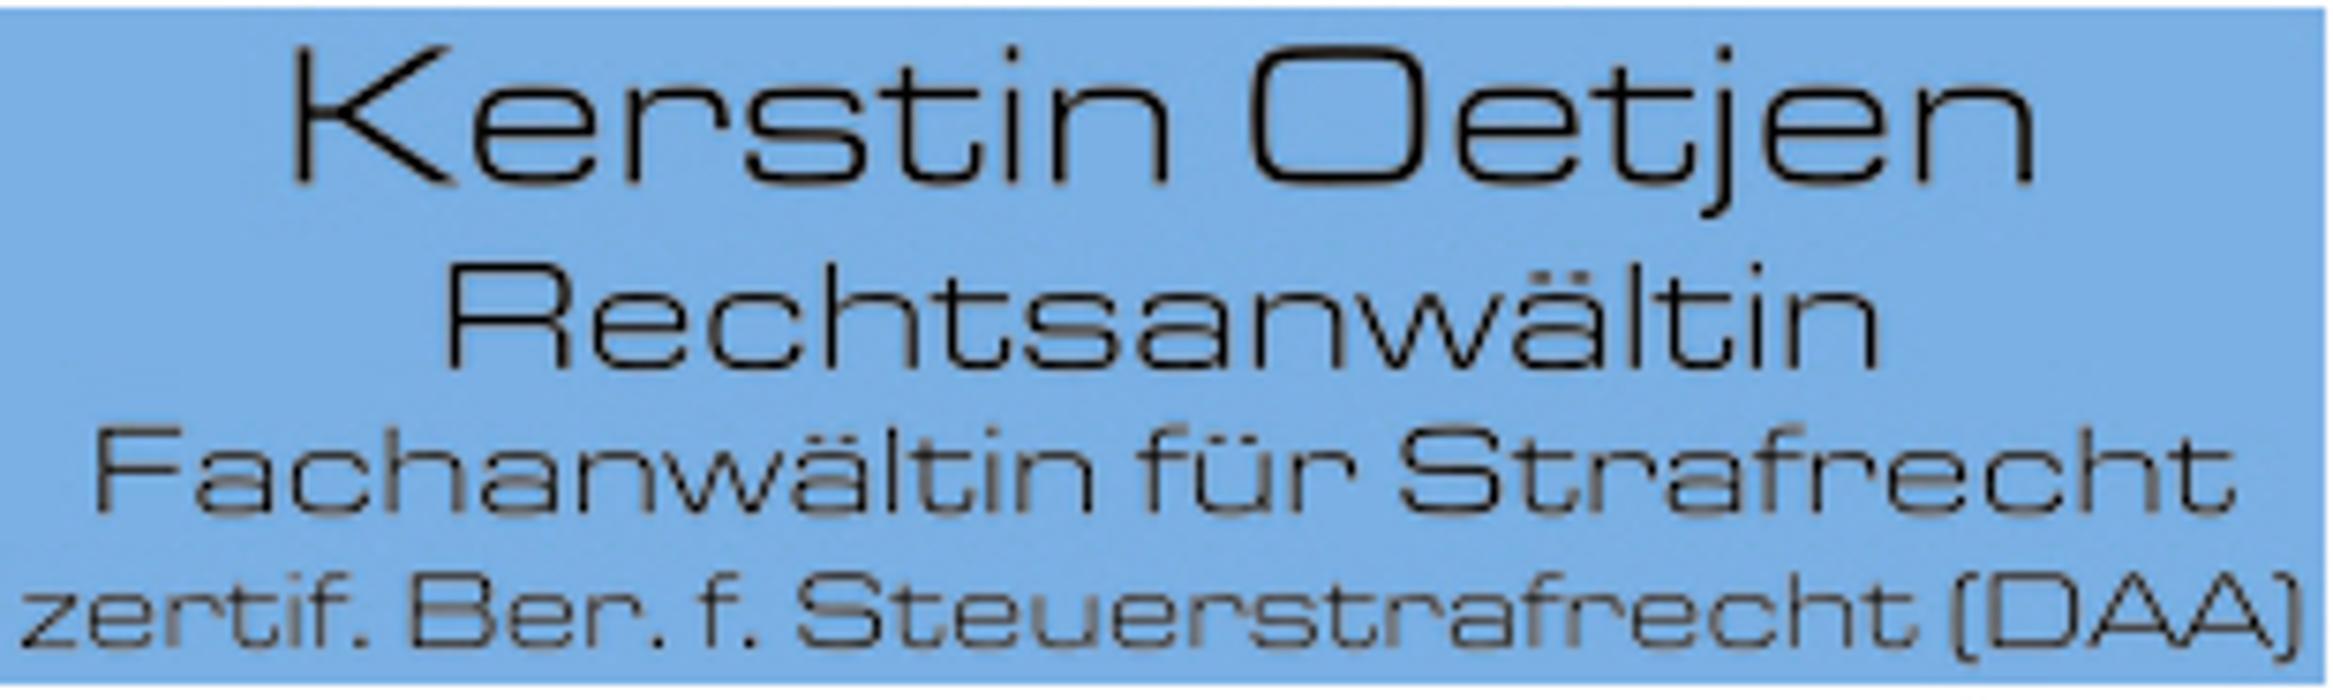 Oetjen Kerstin Rechtsanwältin in Freiburg